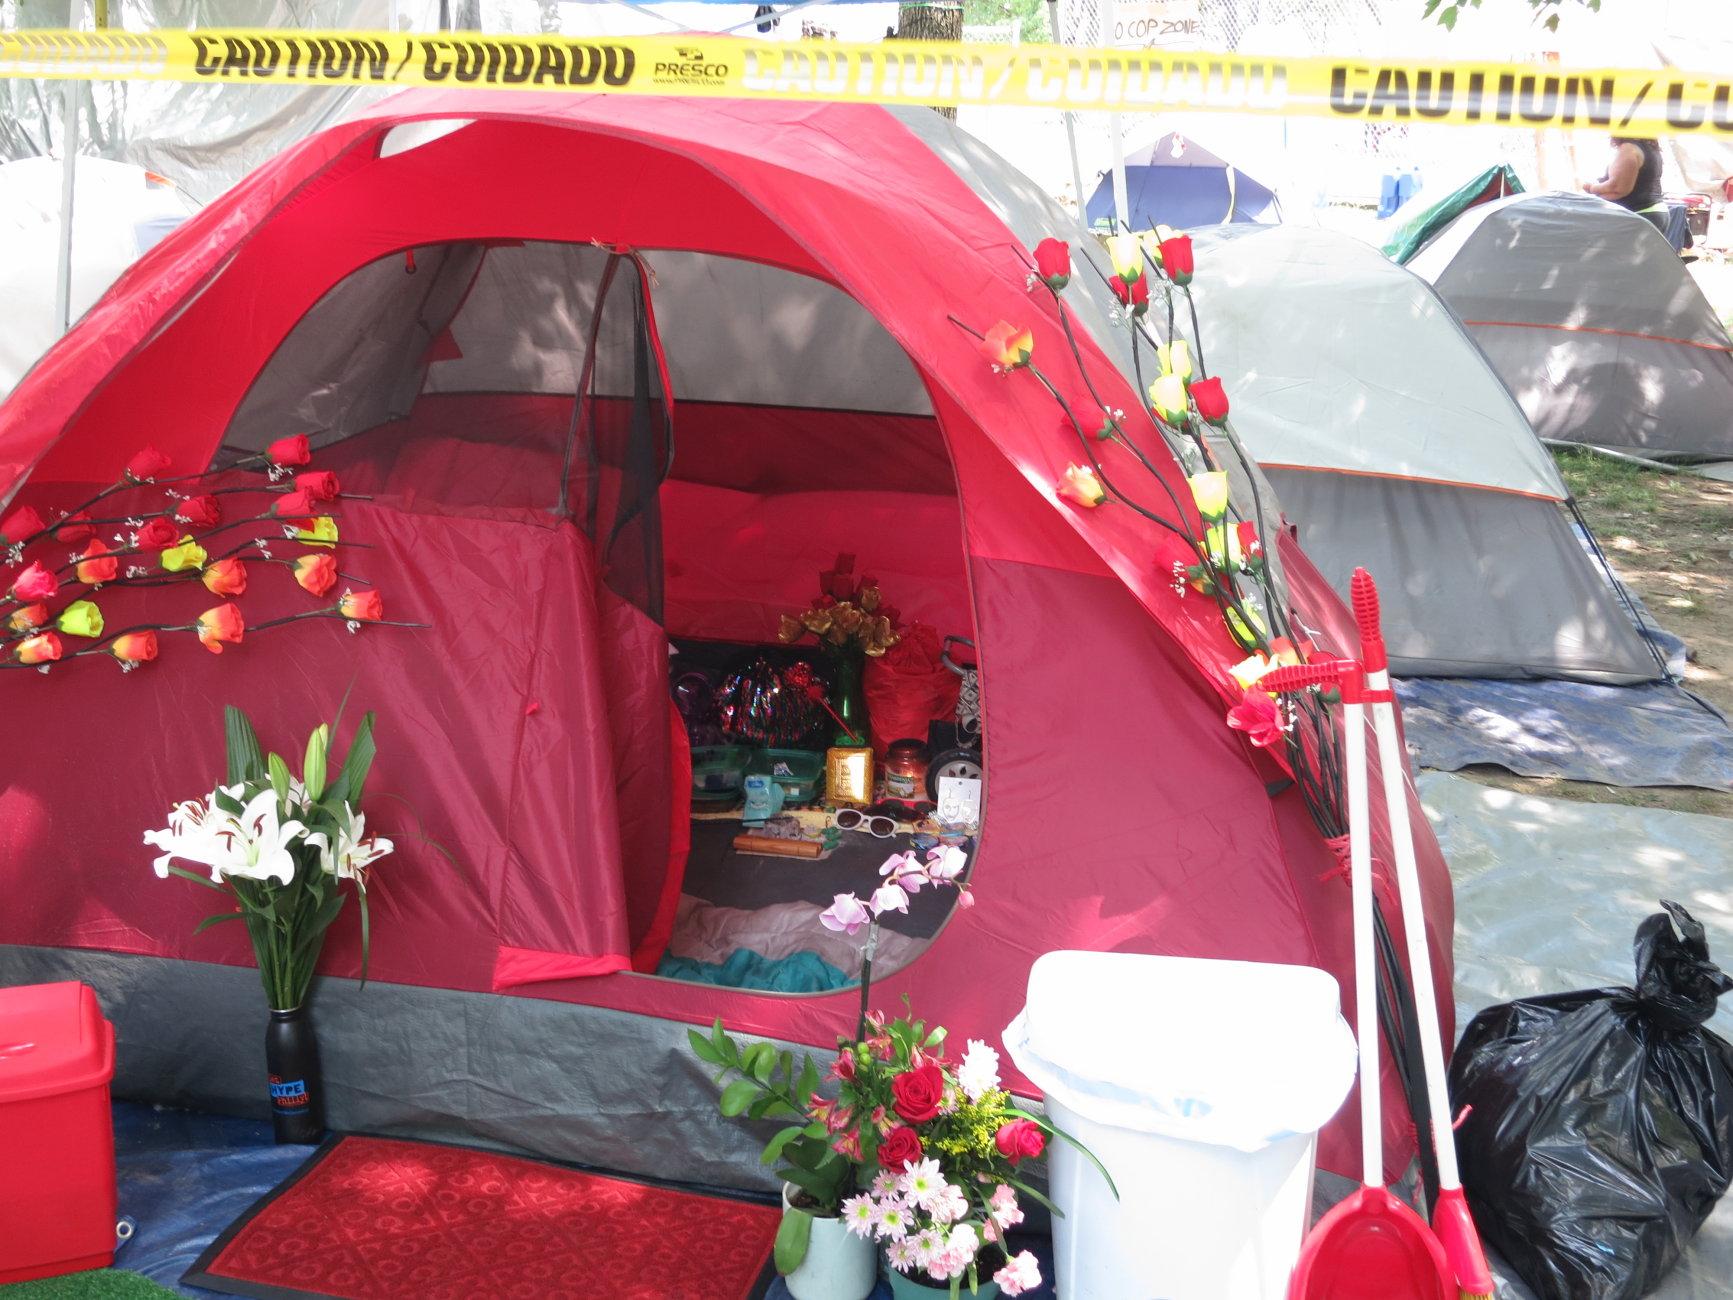 Philadelphia Homeless Encampment #2